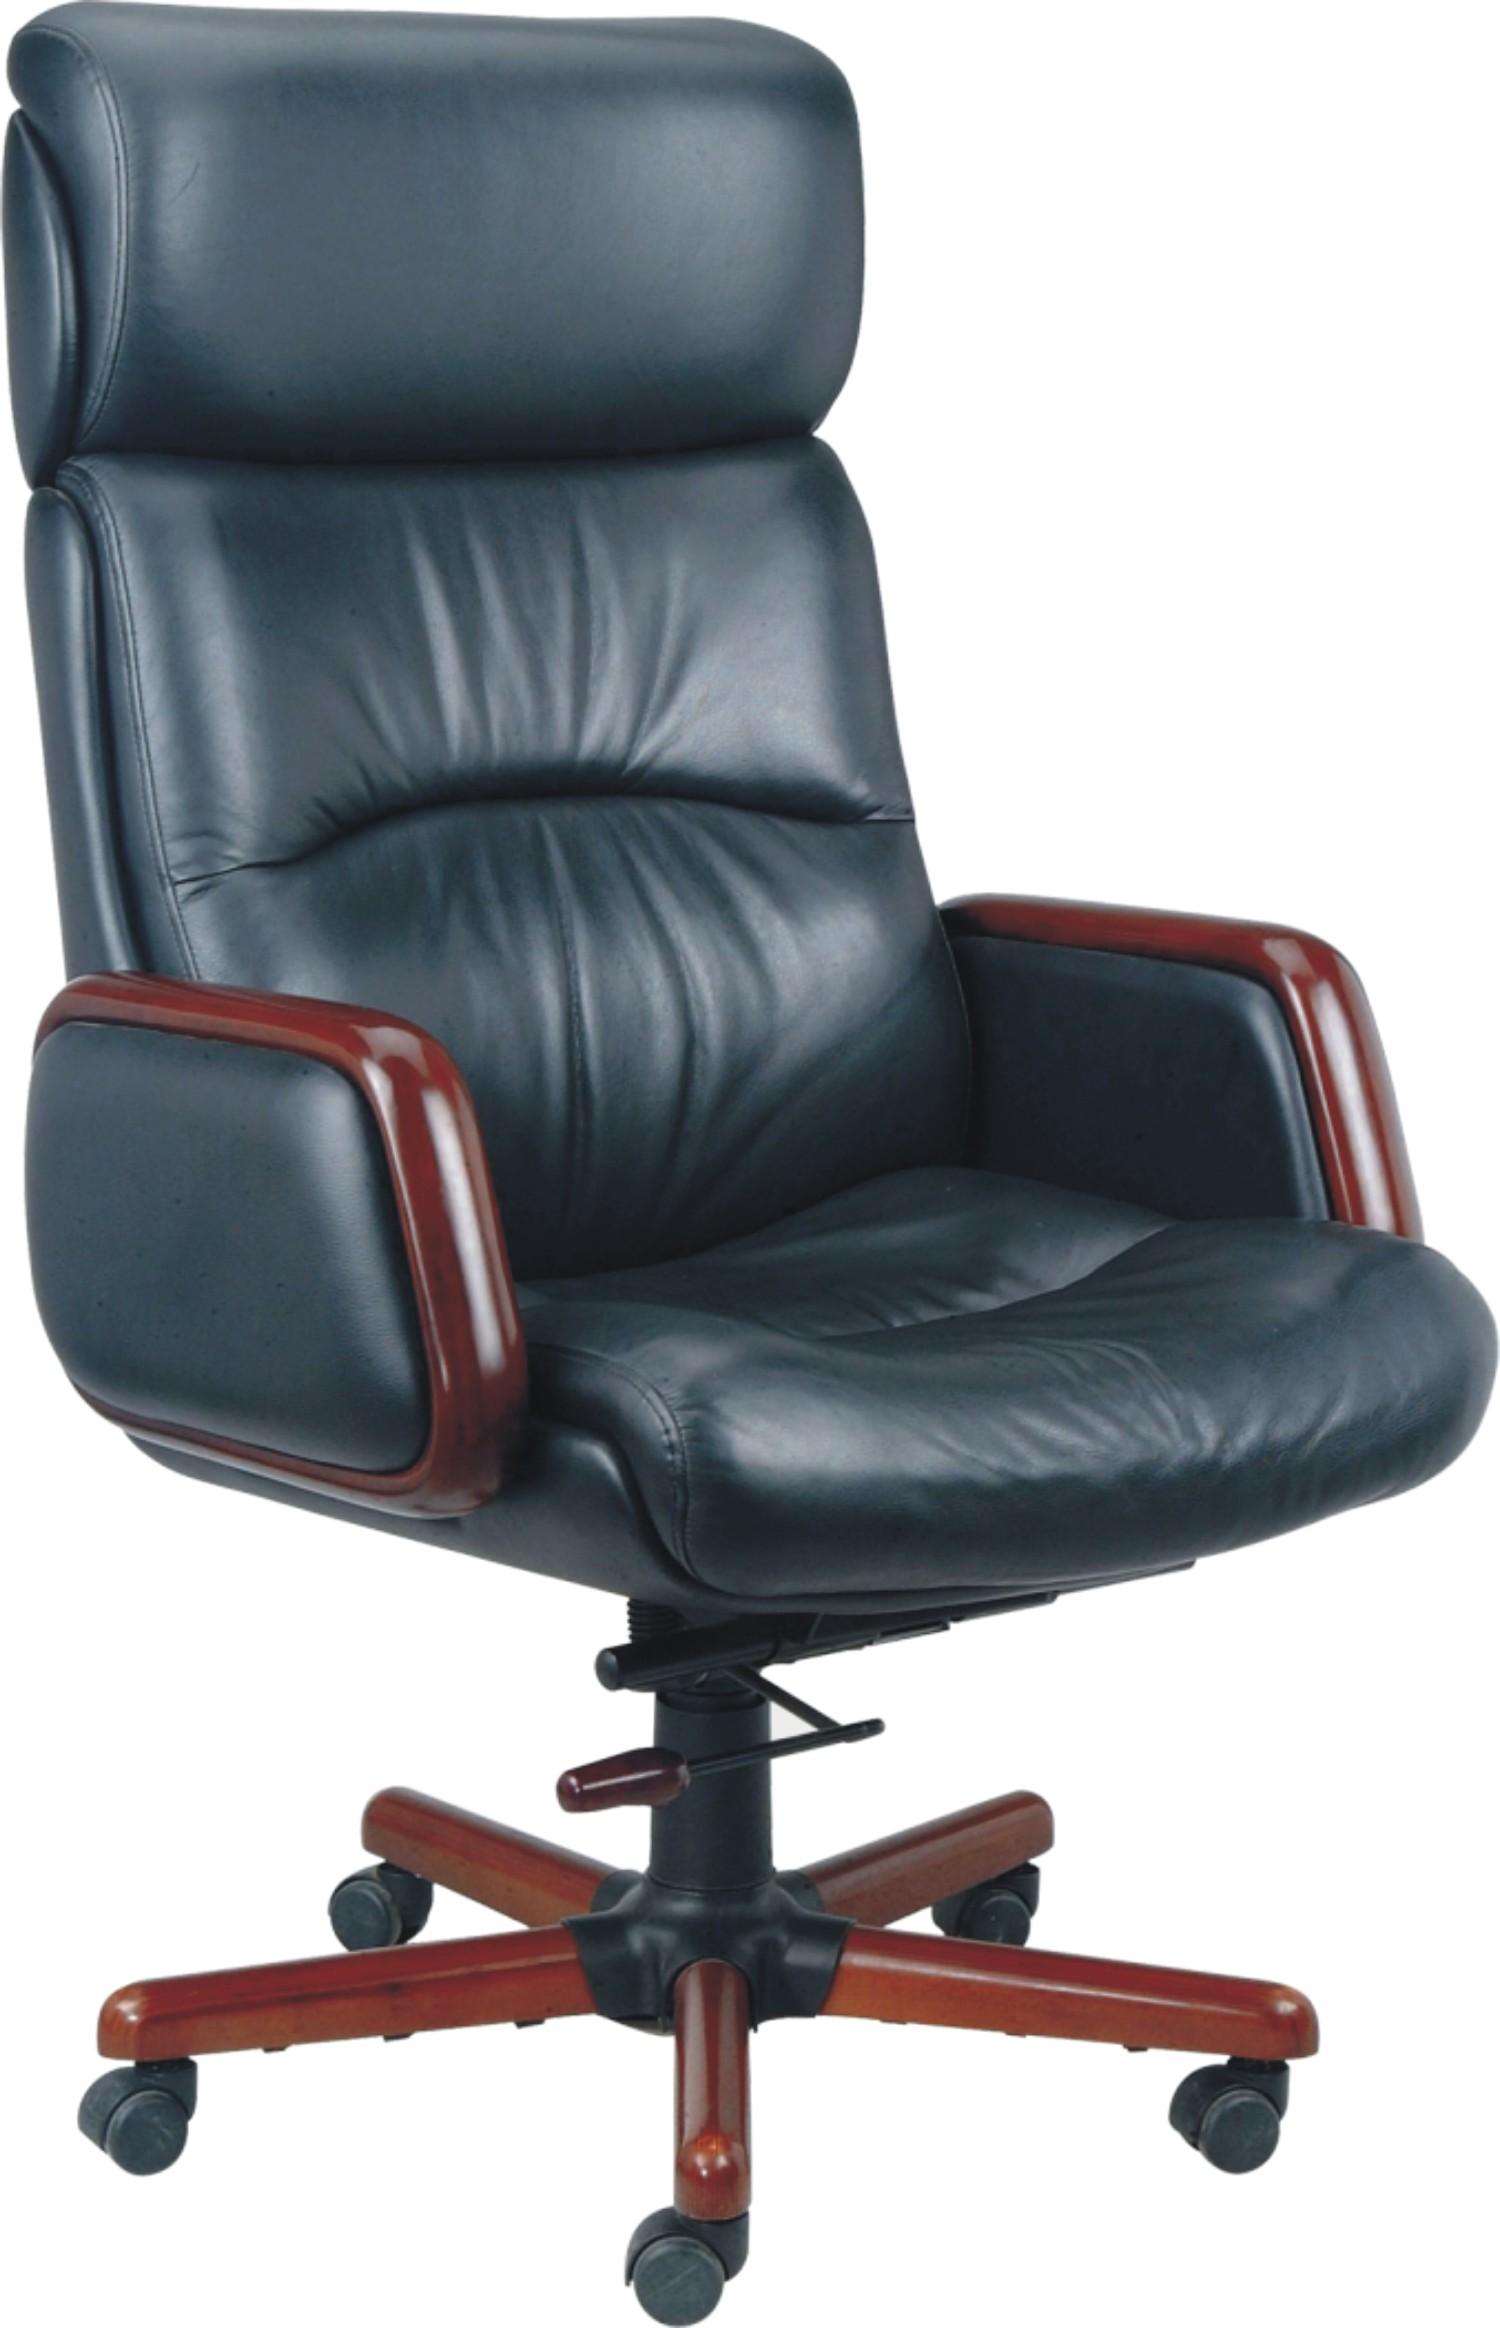 主管椅9620